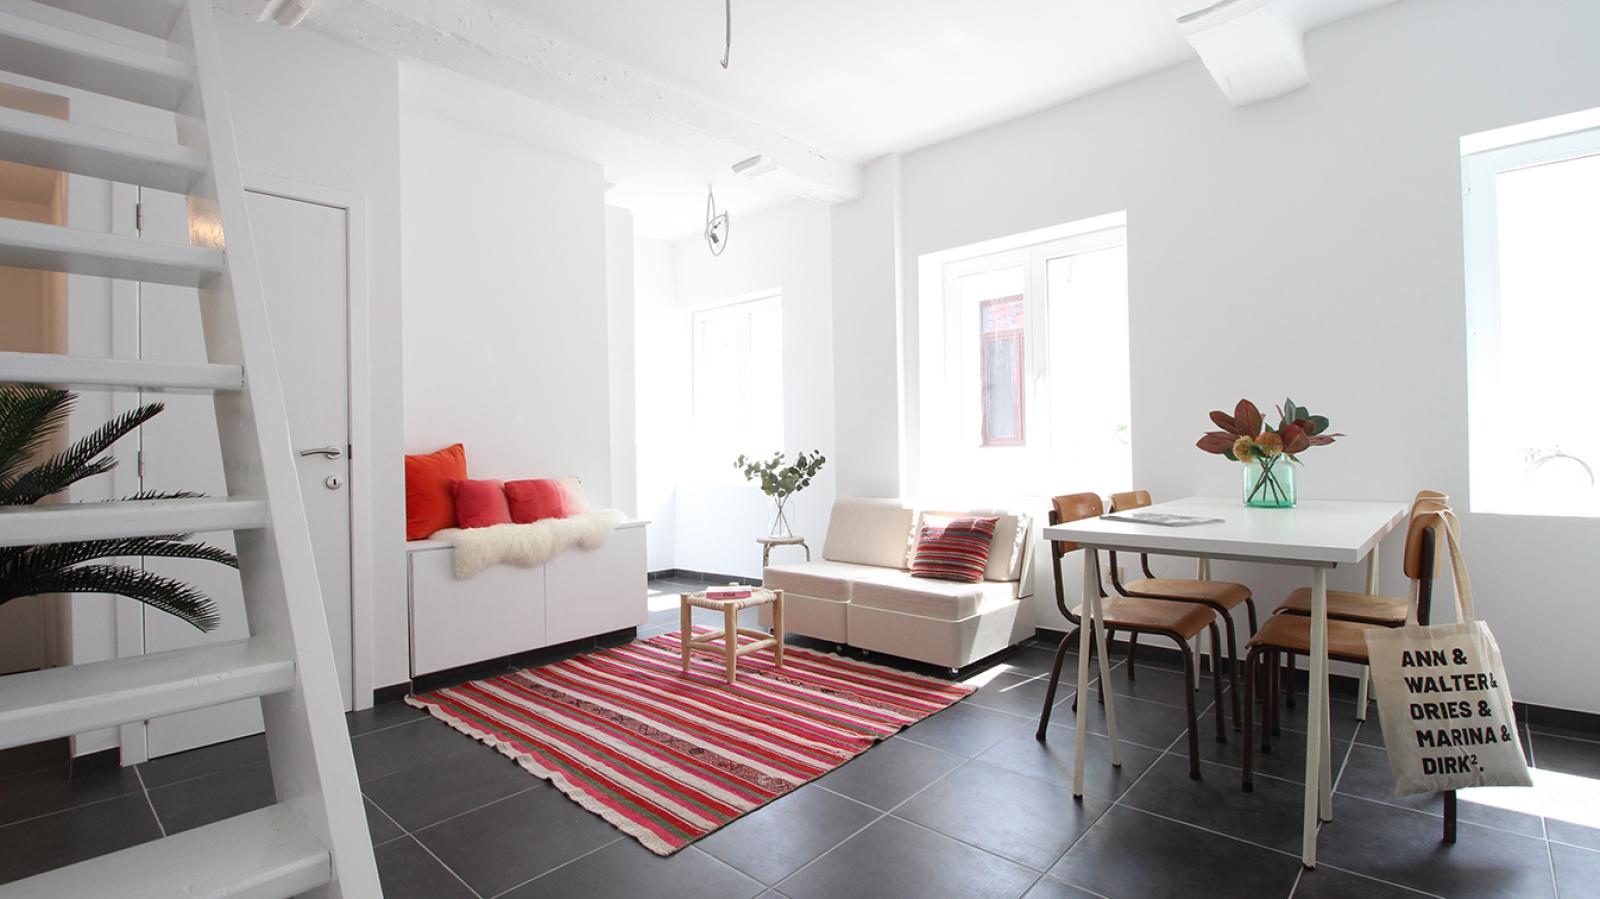 Zeldzaam vastgoed op unieke locatie nabij het Zimmerplein! afbeelding 1